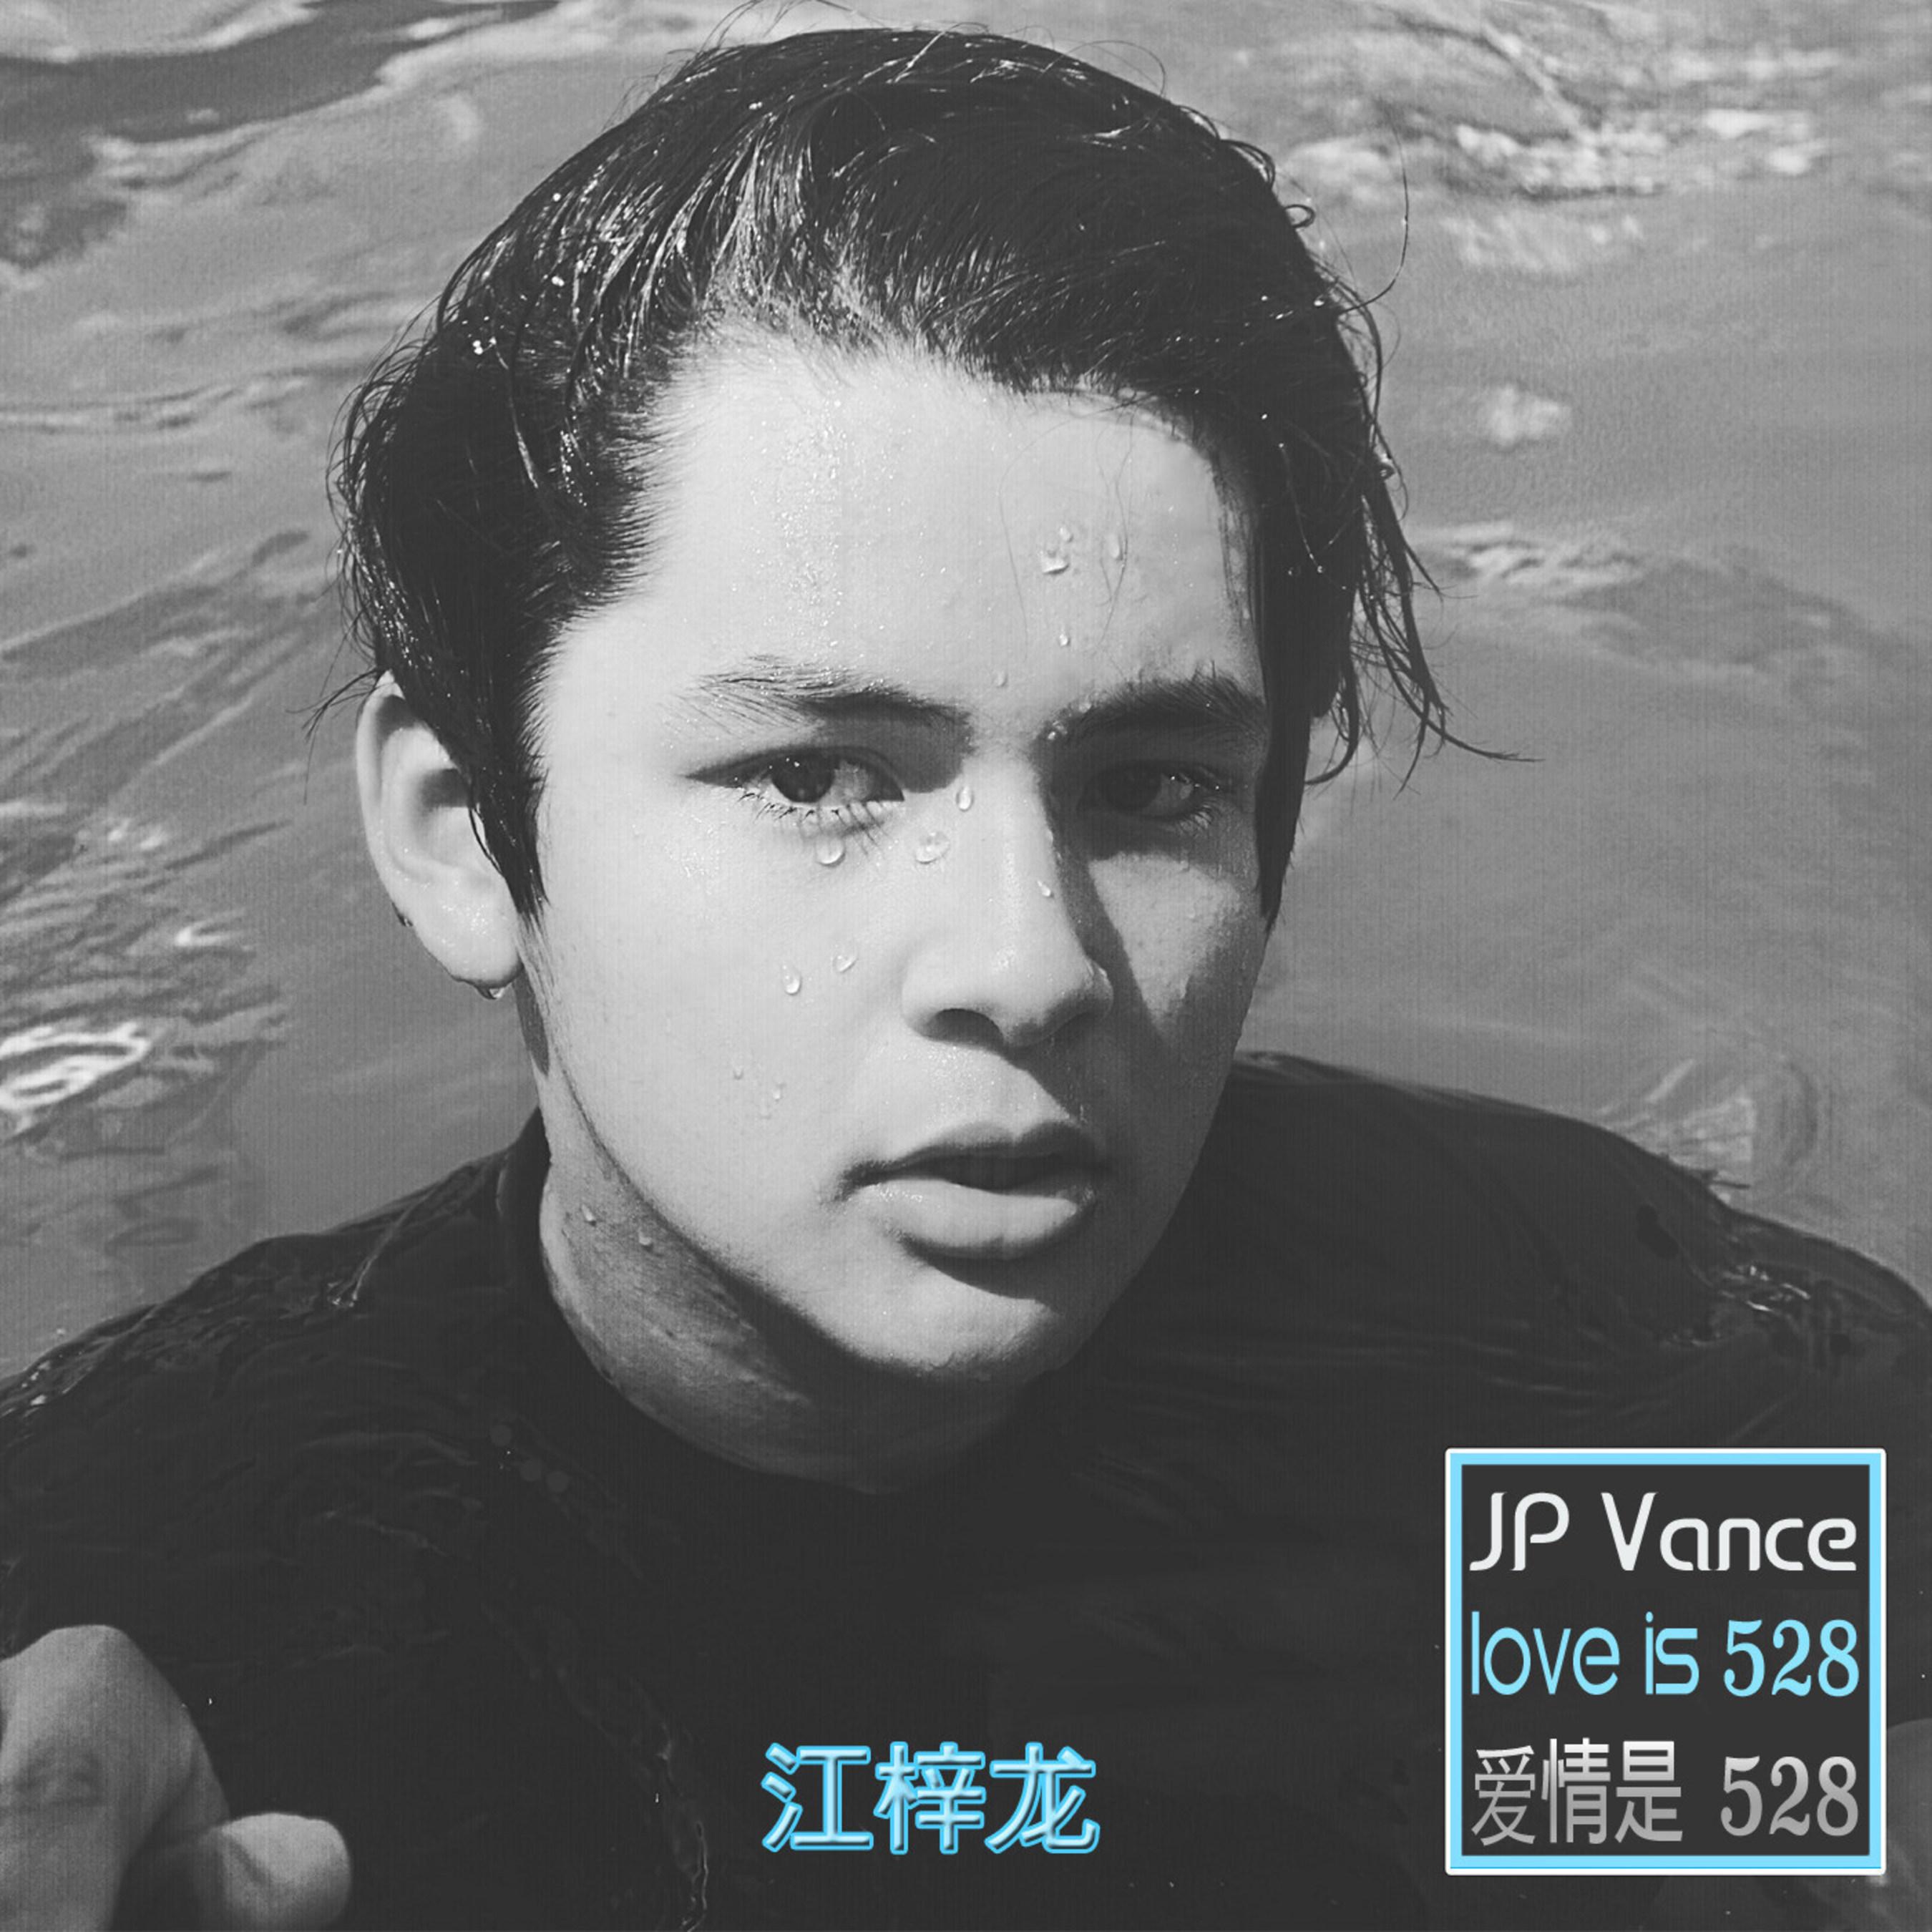 JP Vance